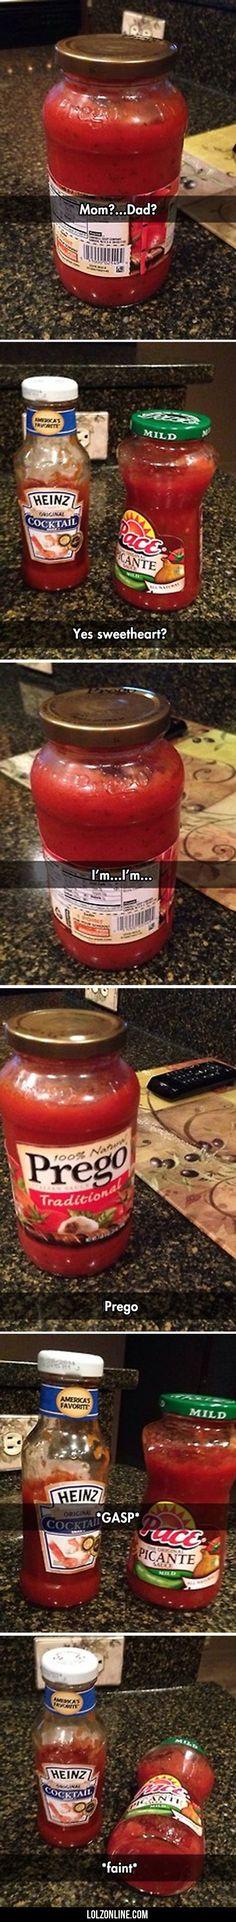 Mom?... Dad?...#funny #lol #lolzonline